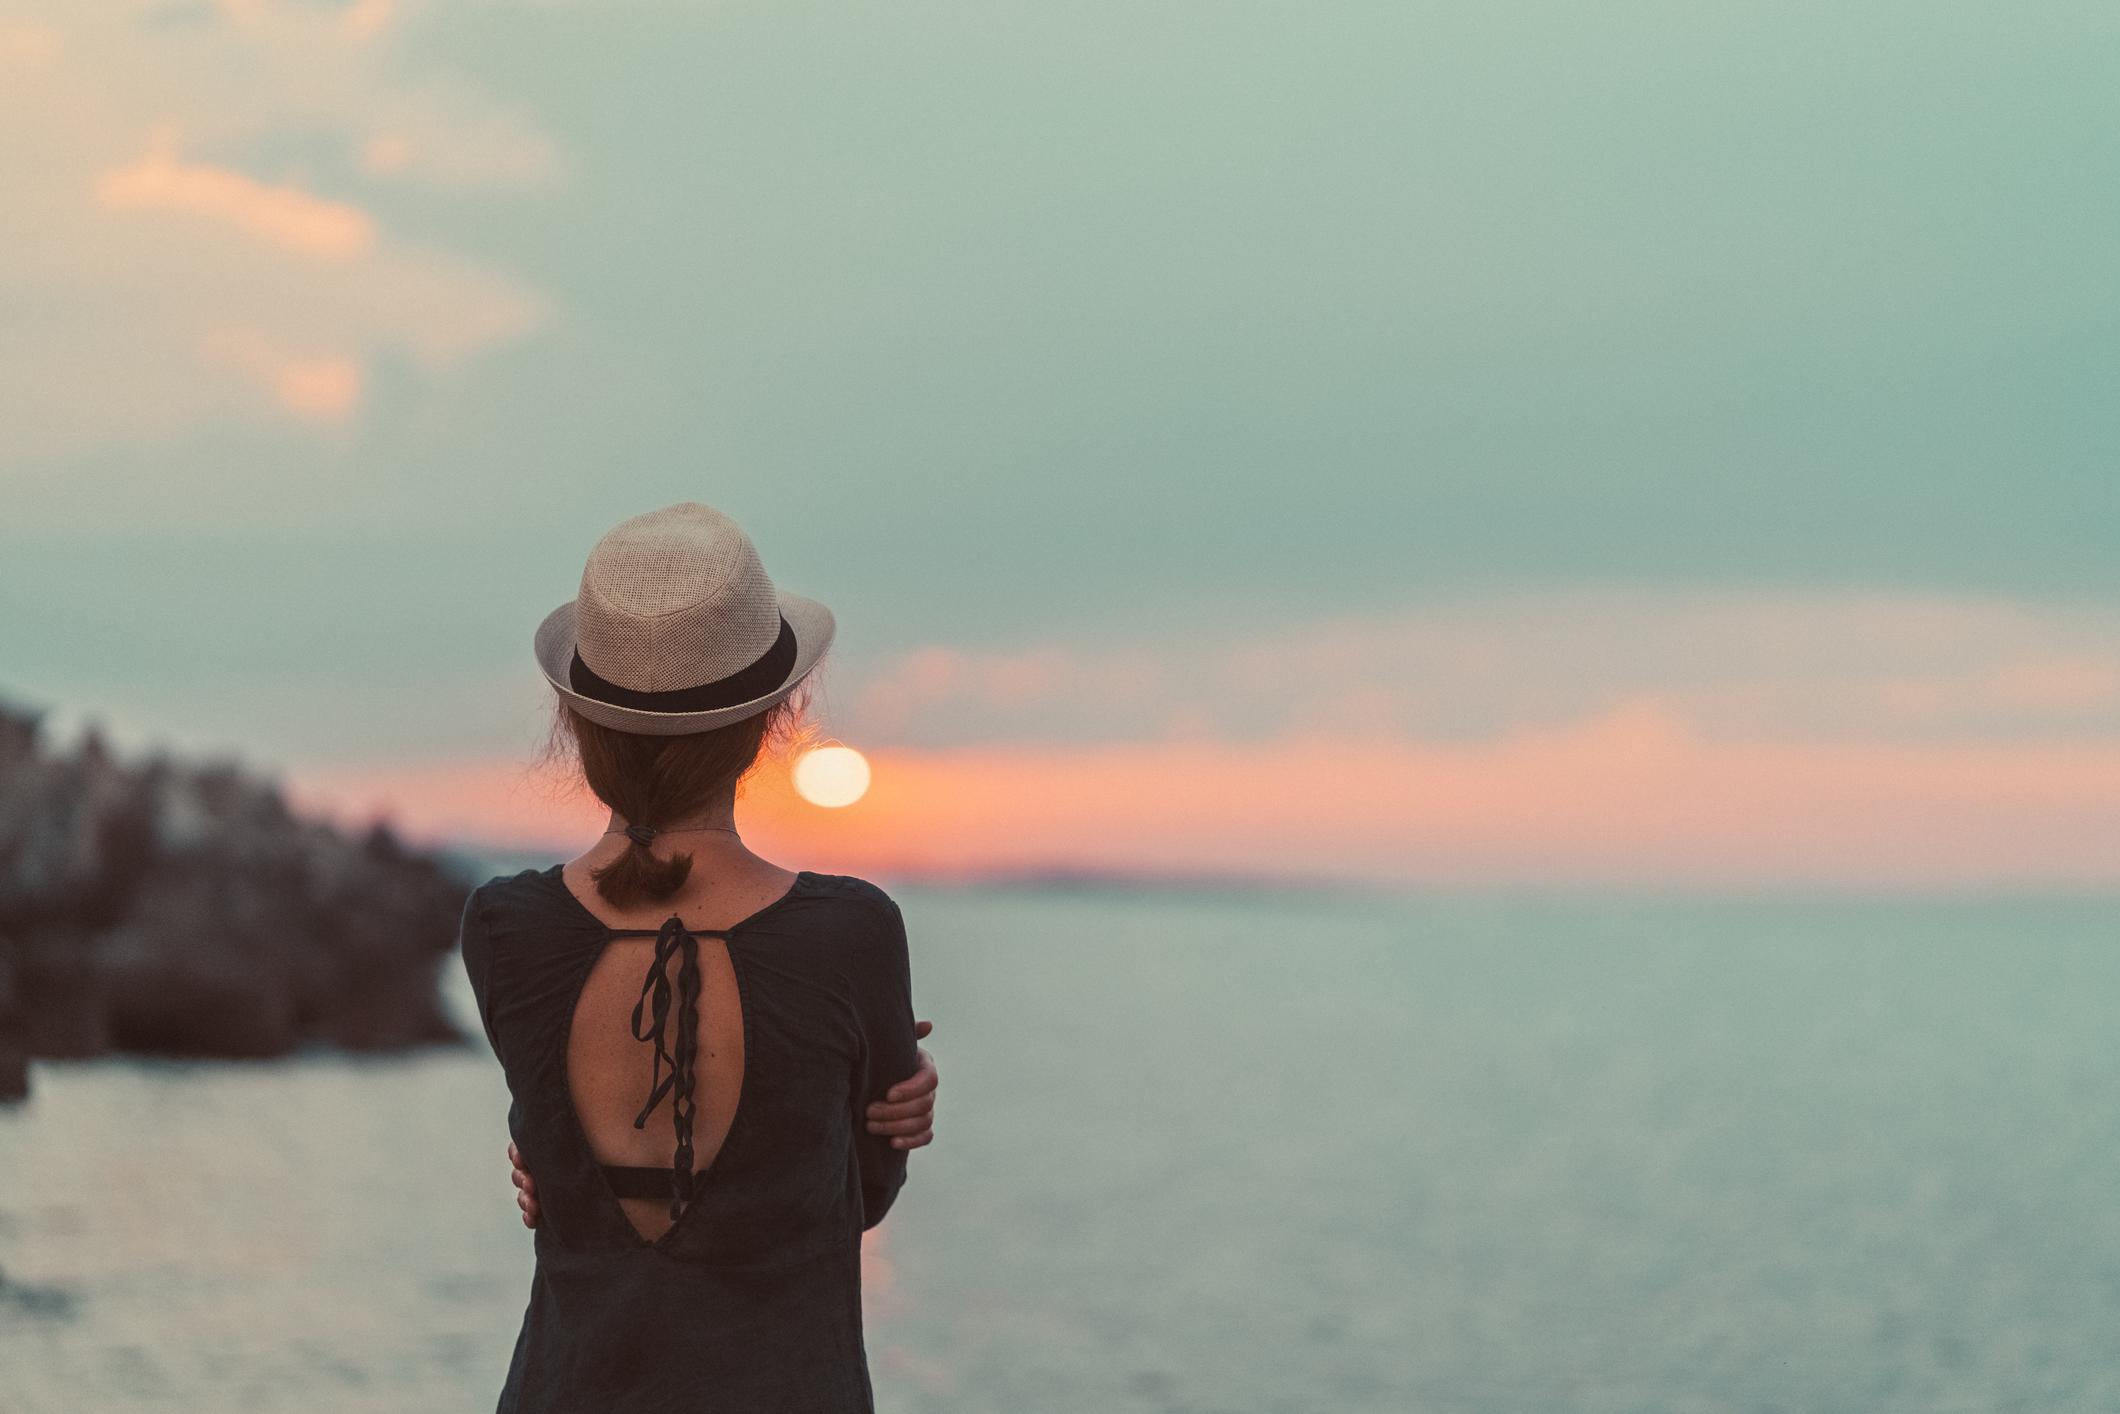 Χώρισες και δεν νιώθεις καλά. Διάβασε τι ΔΕΝ πρέπει να κάνεις…